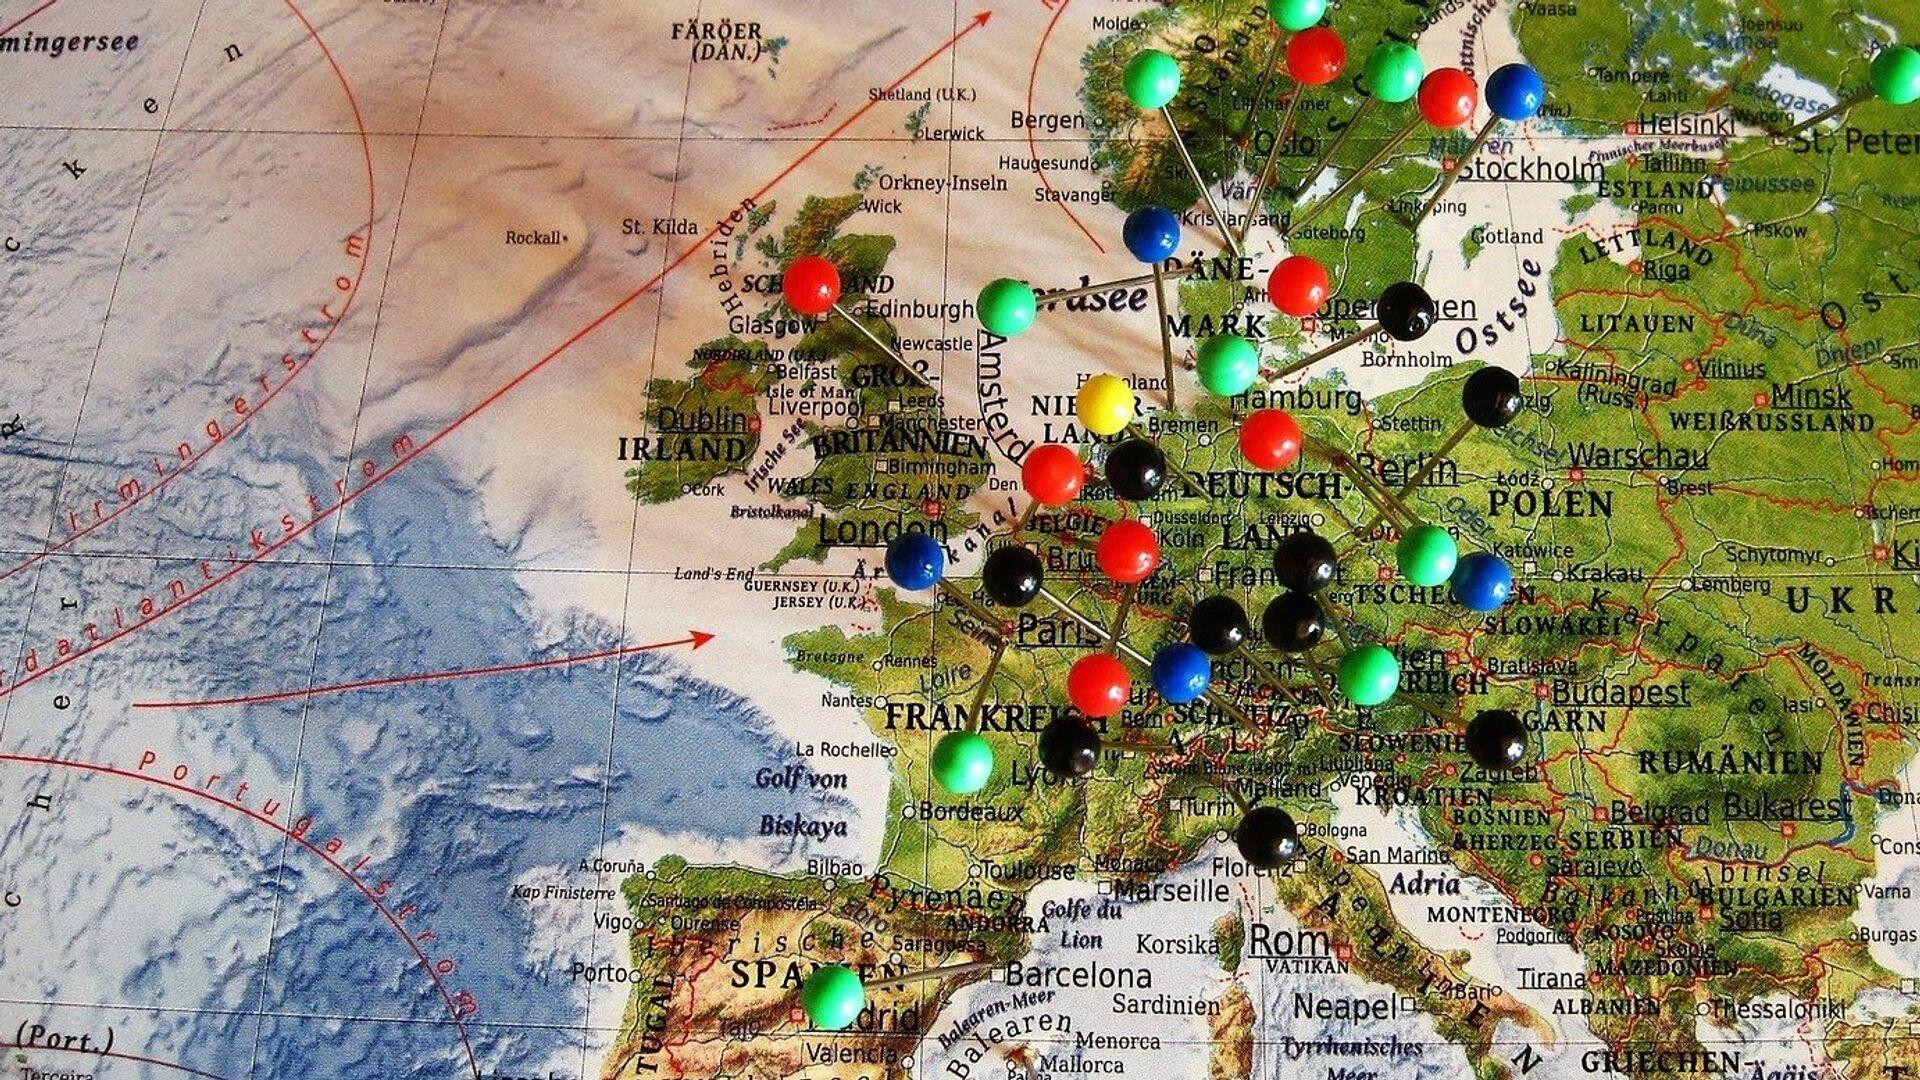 Mapa Evrope - Sputnik Srbija, 1920, 07.10.2021